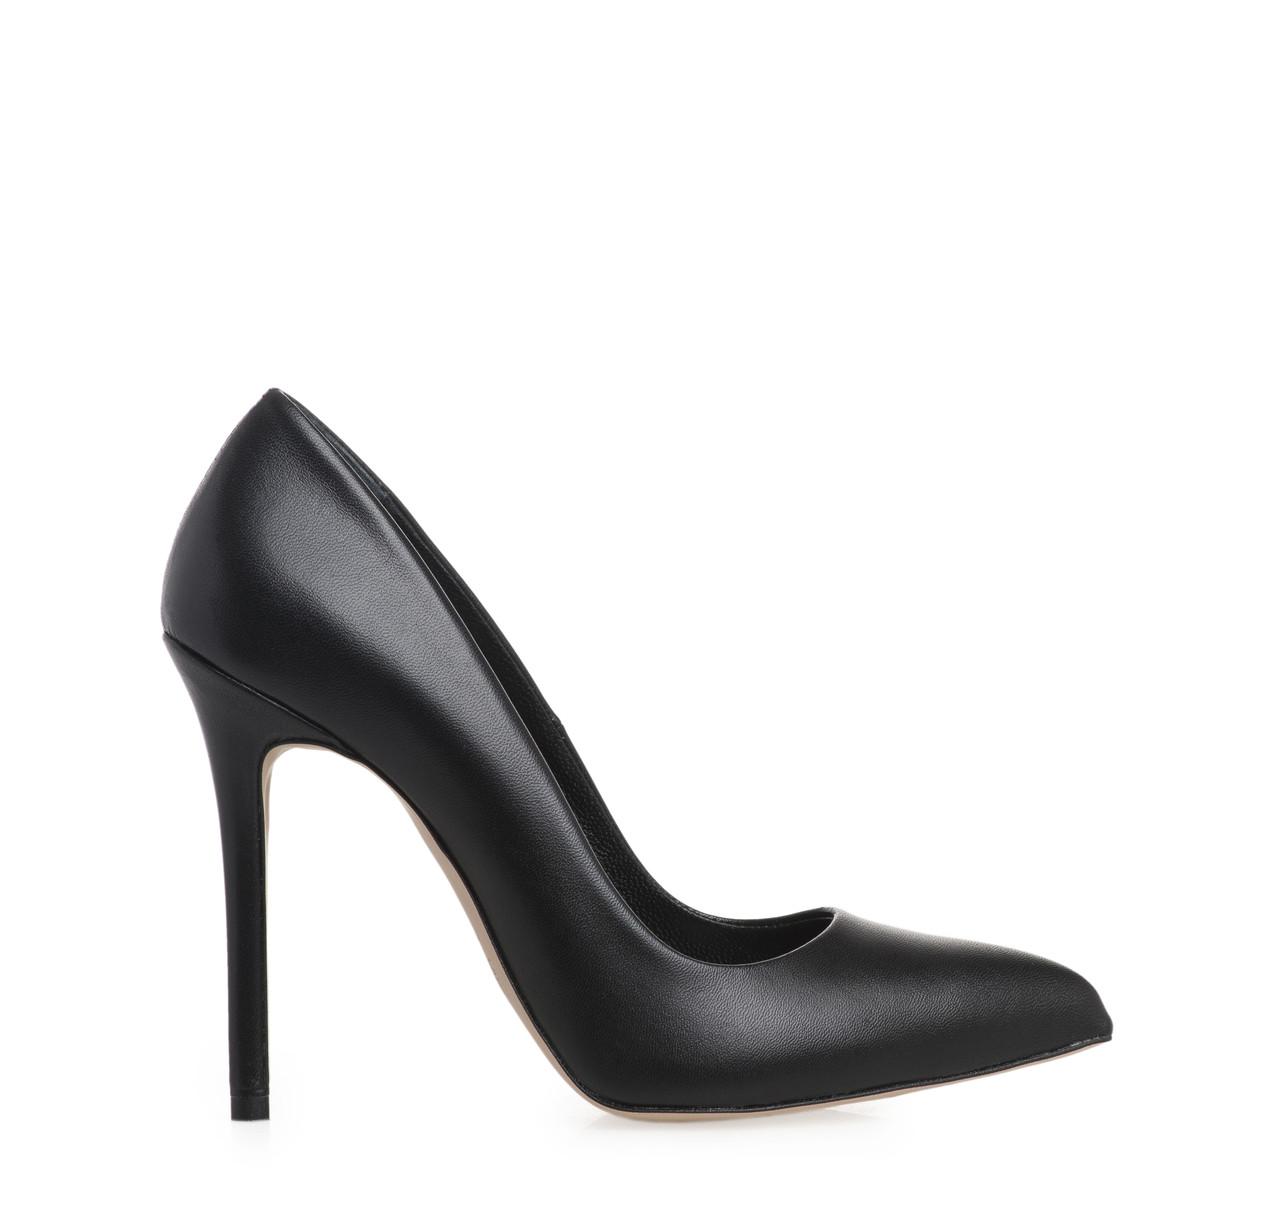 Γυναικεία   Παπούτσια   Γόβες   ΓΟΒΕΣ ΓΥΝΑΙΚΕΙΕΣ SAGIAKOS (BLACK) 320 -  GoldenShopping.gr f7ceeaa0fb4